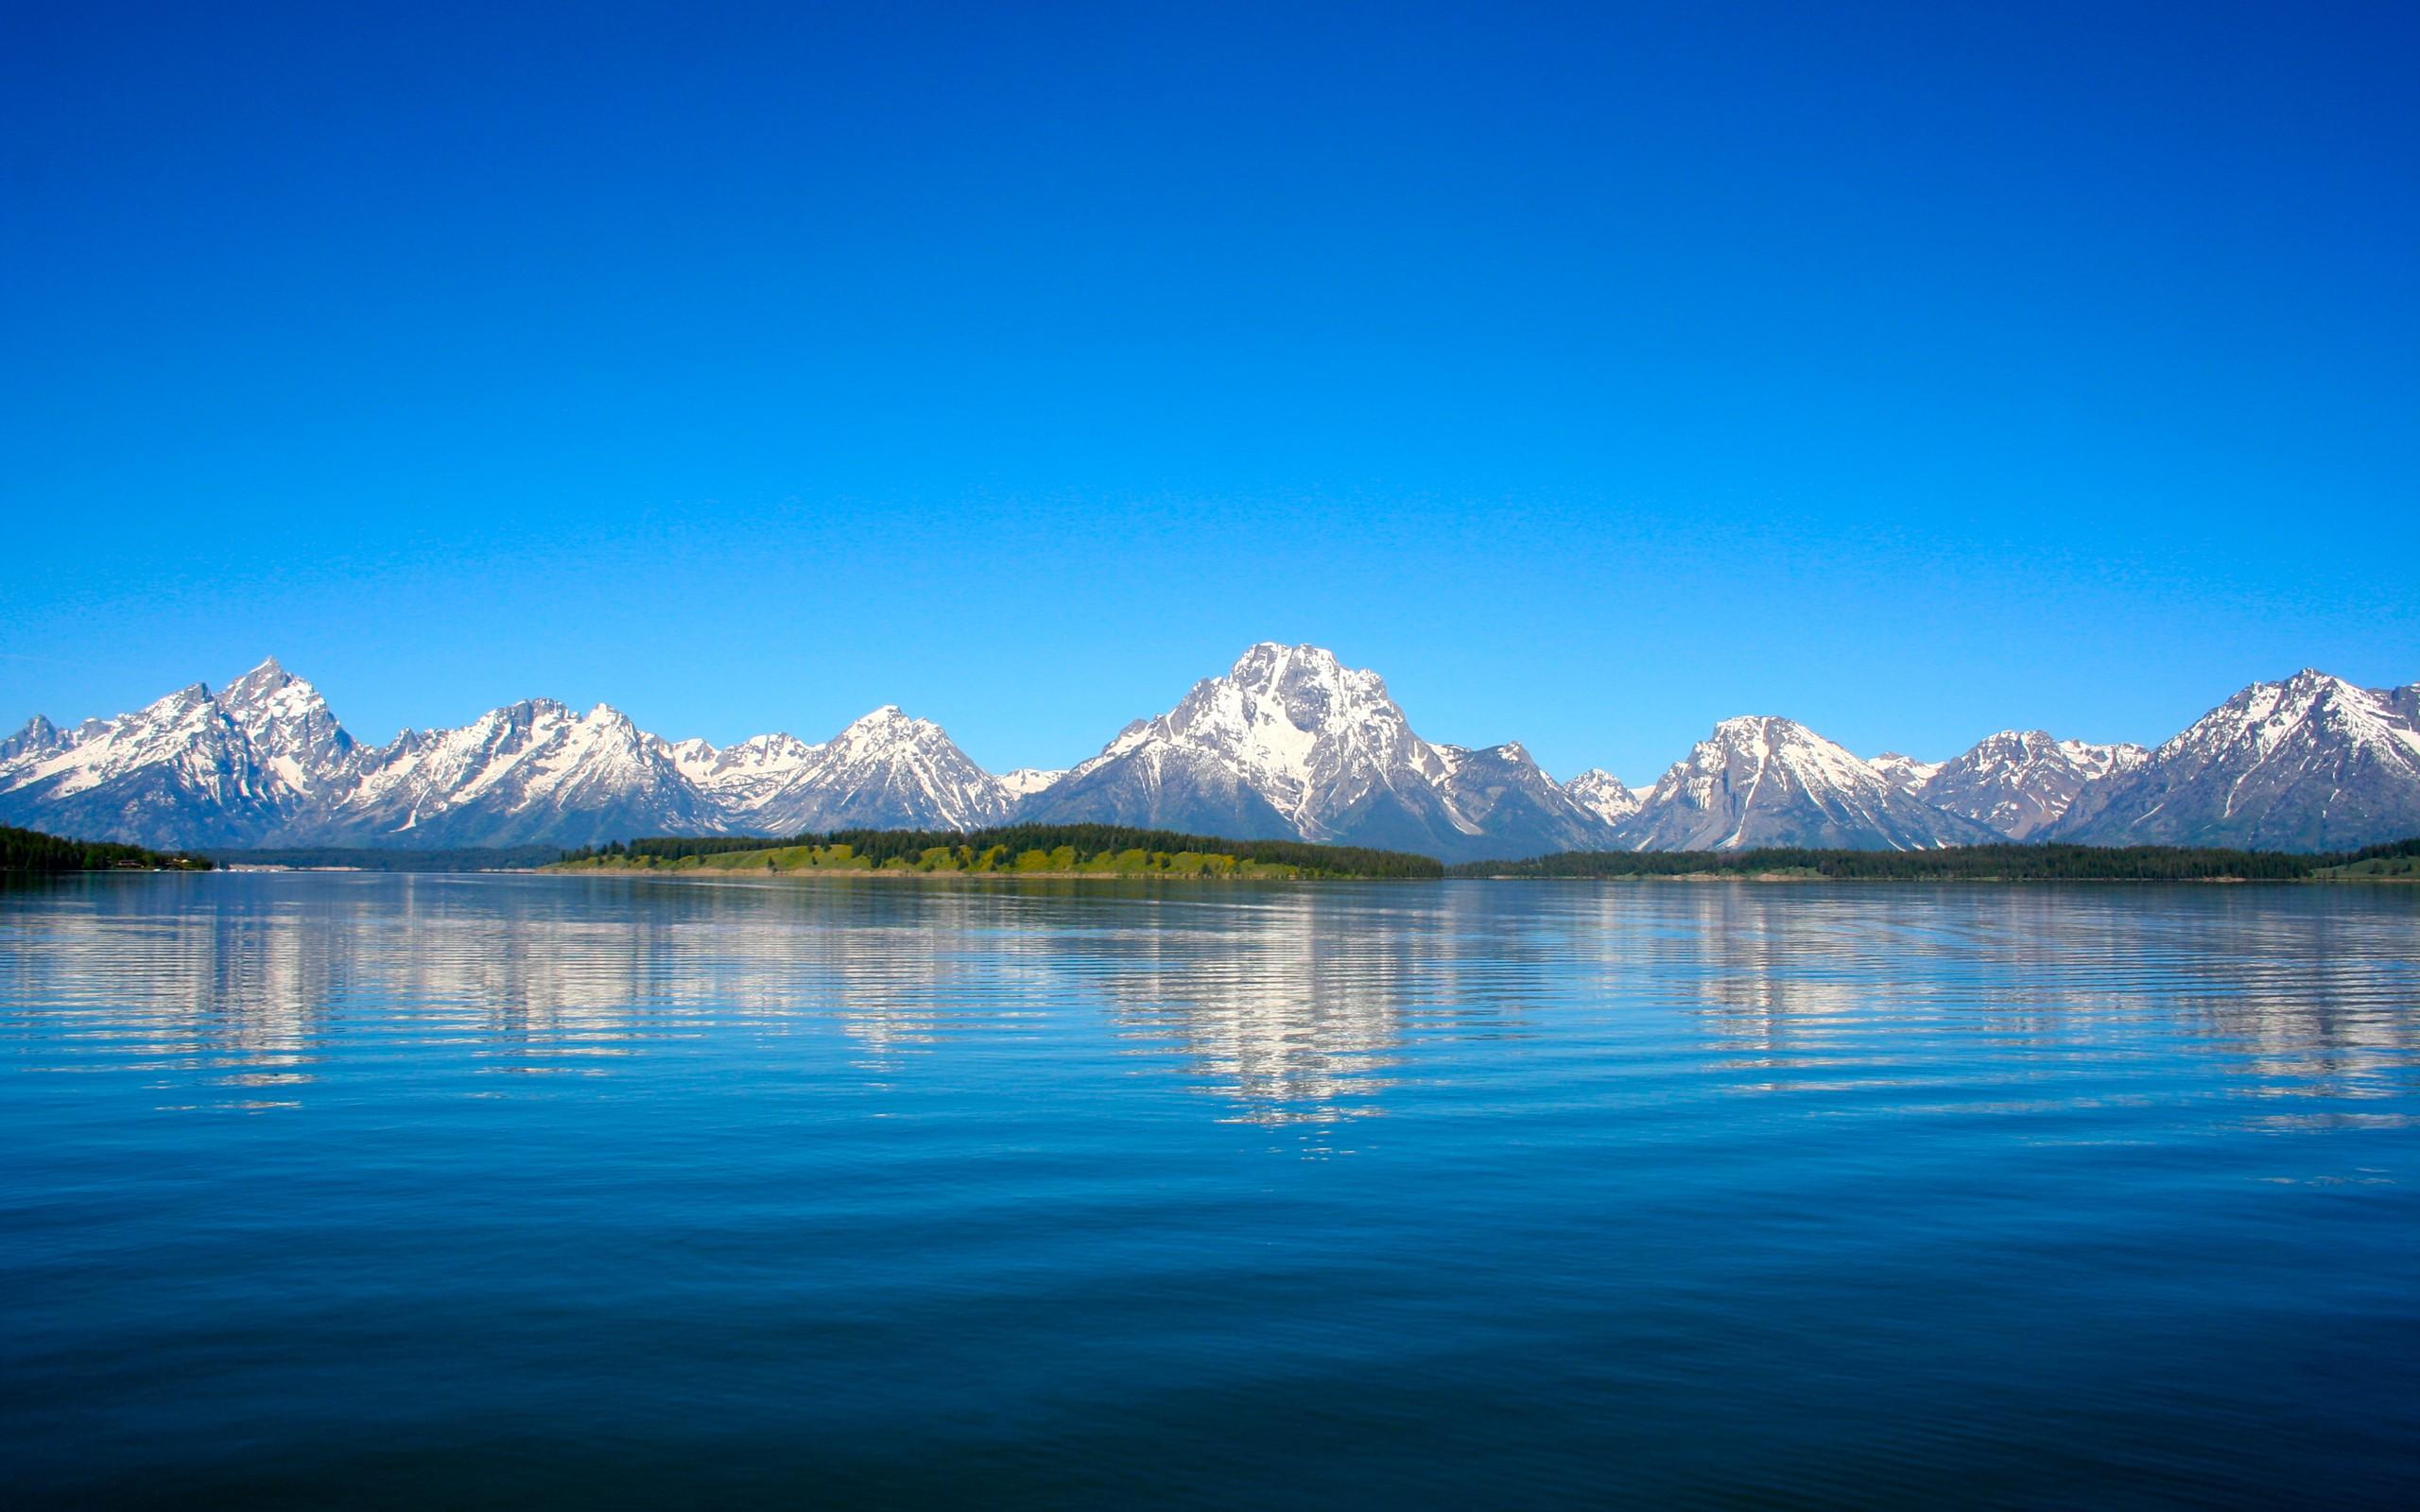 Lago y montañas - 2560x1600